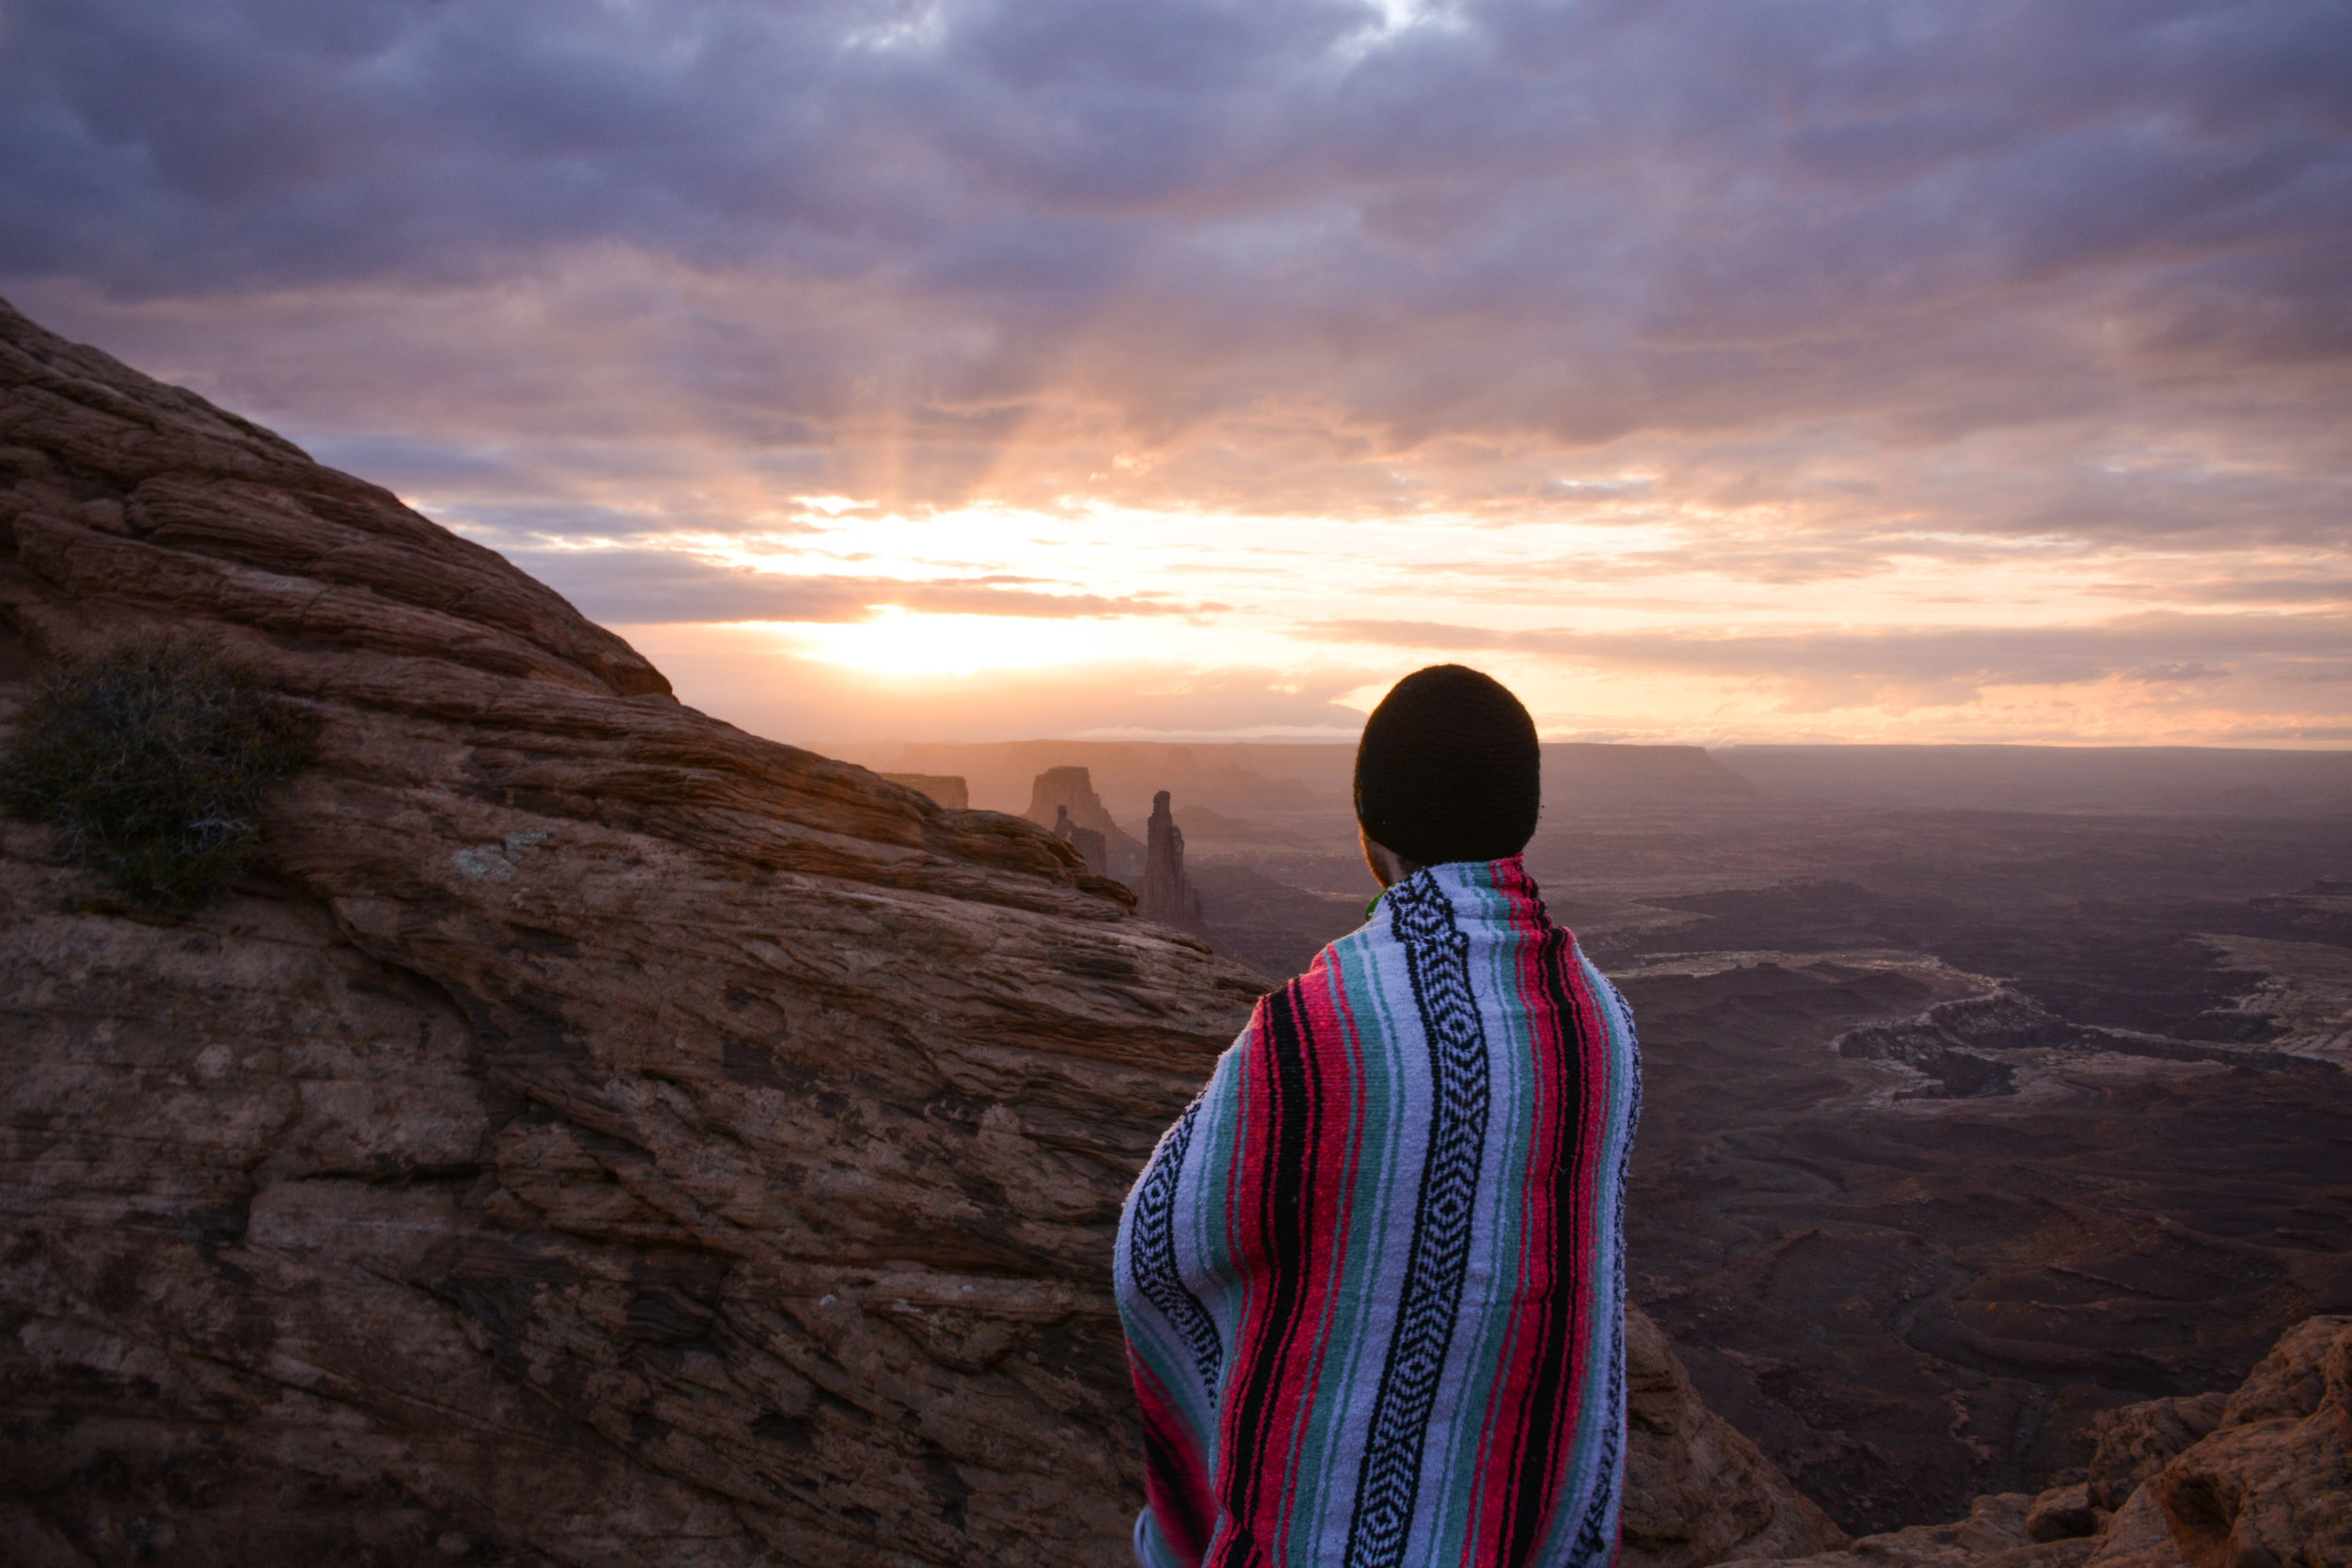 Enjoying the sunrise at Canyonlands National Park, Moab, UT